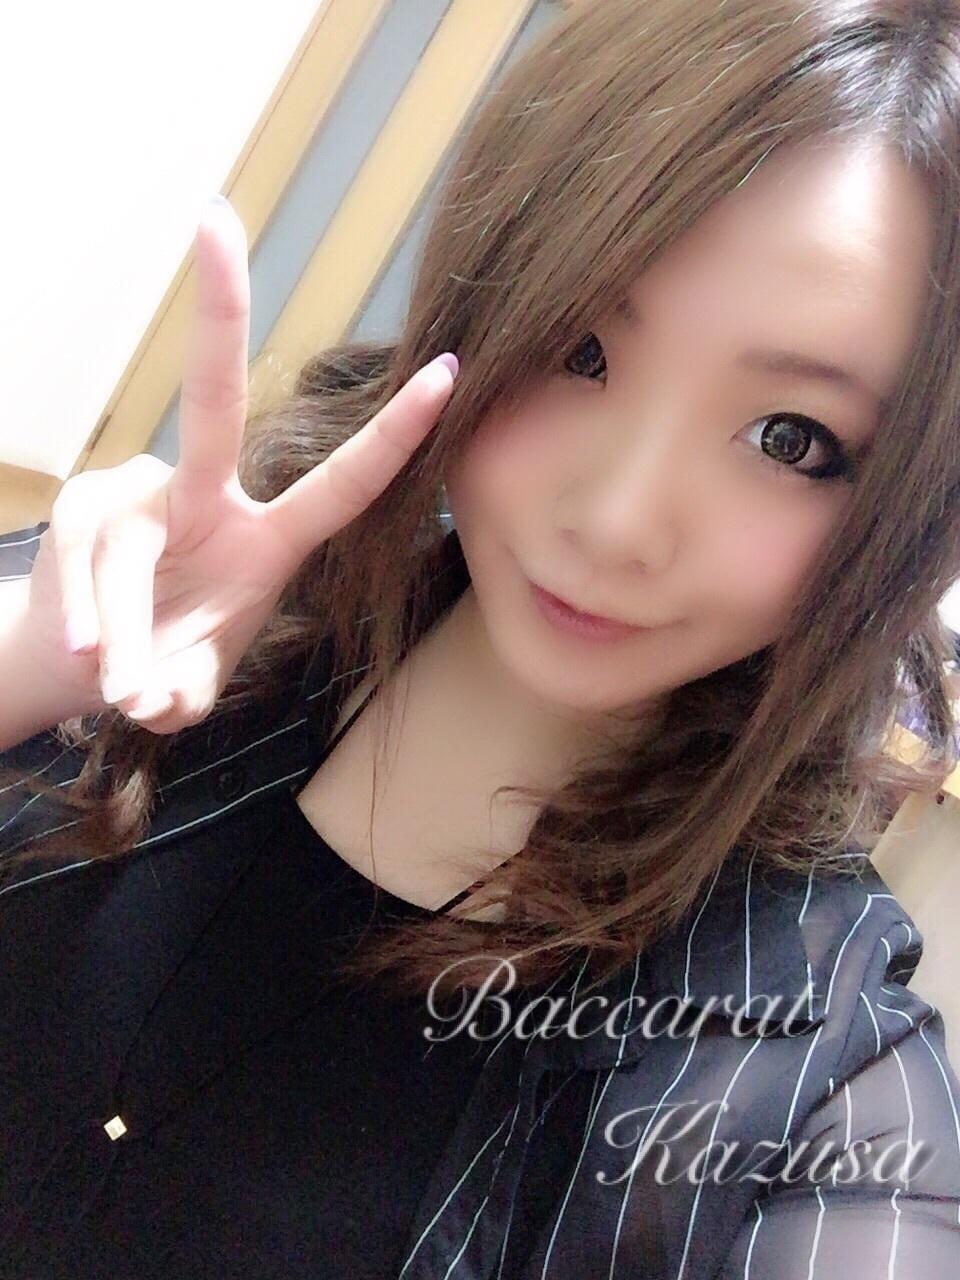 「☆ちゃっかりはん☆」06/17(06/17) 01:15 | かずさの写メ・風俗動画